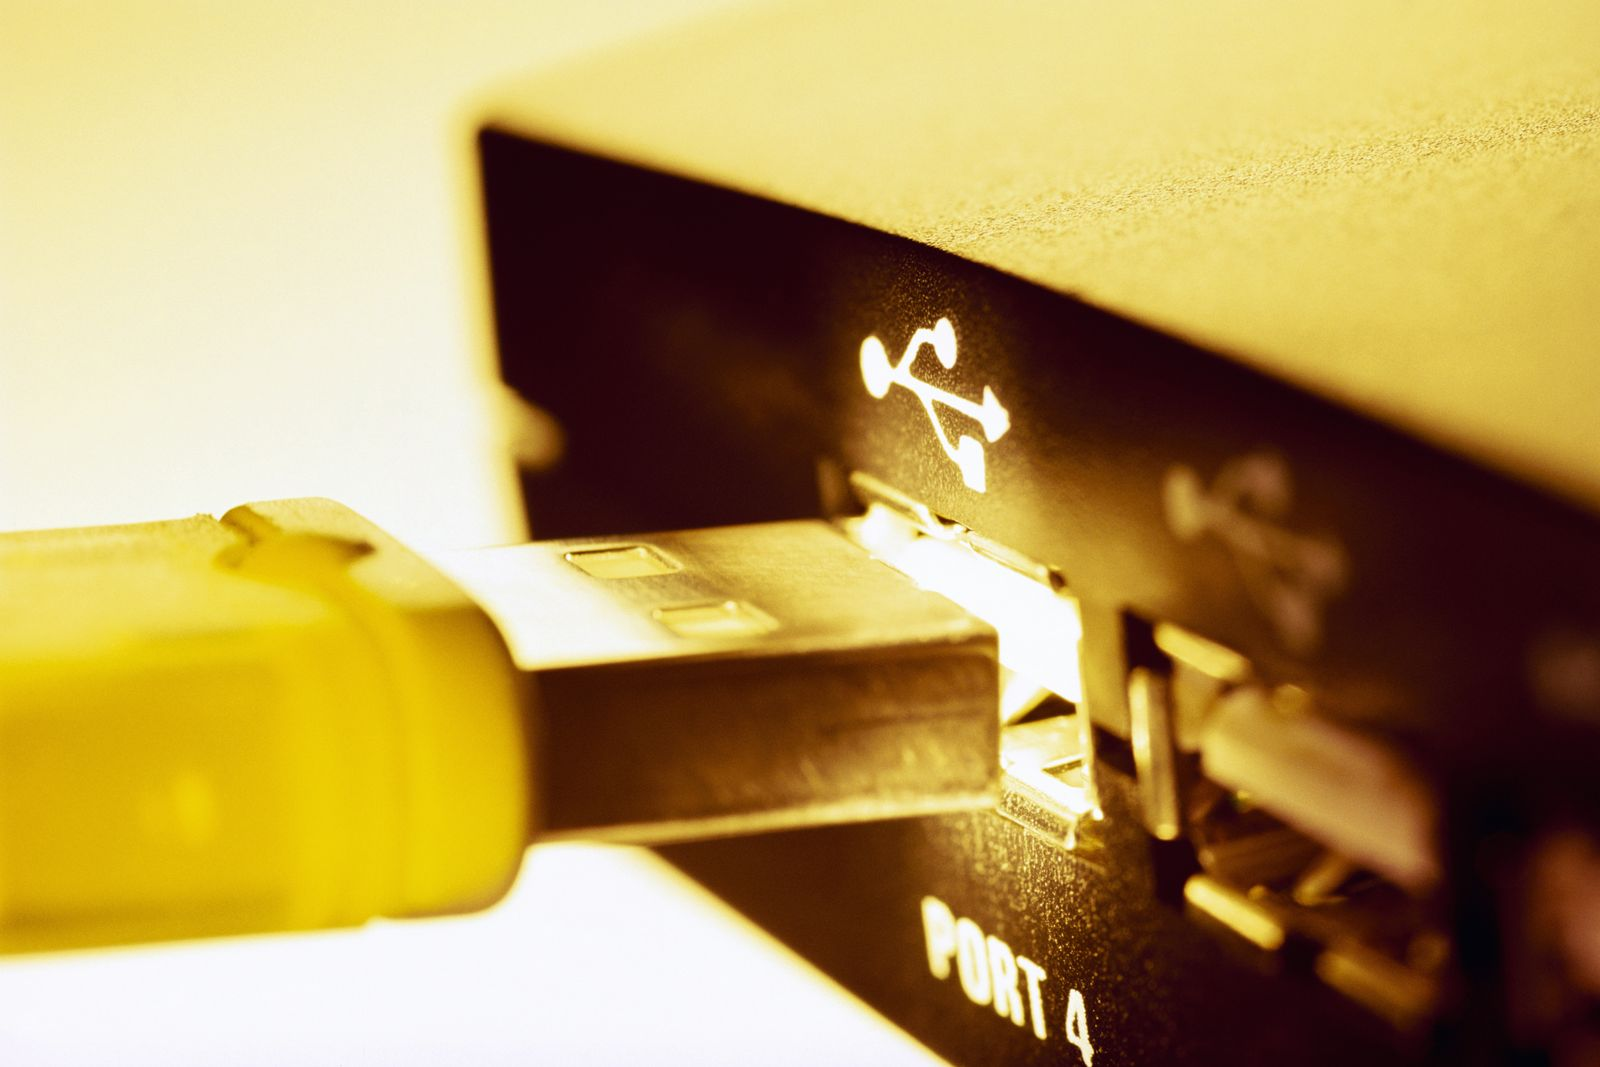 NICHT MEHR VERWENDEN! - USB - Stick